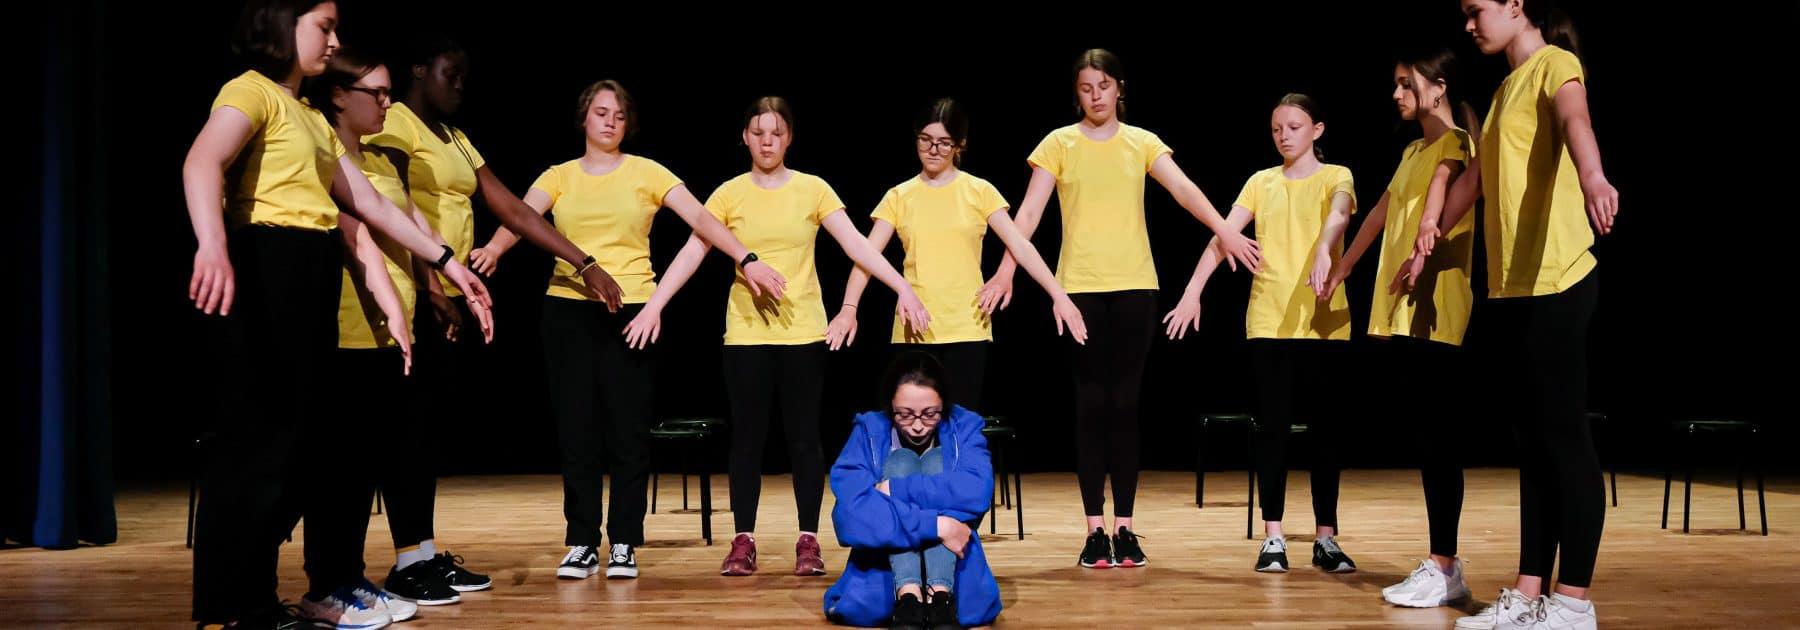 Orchard Theatre Festival, An Imaginative Delight